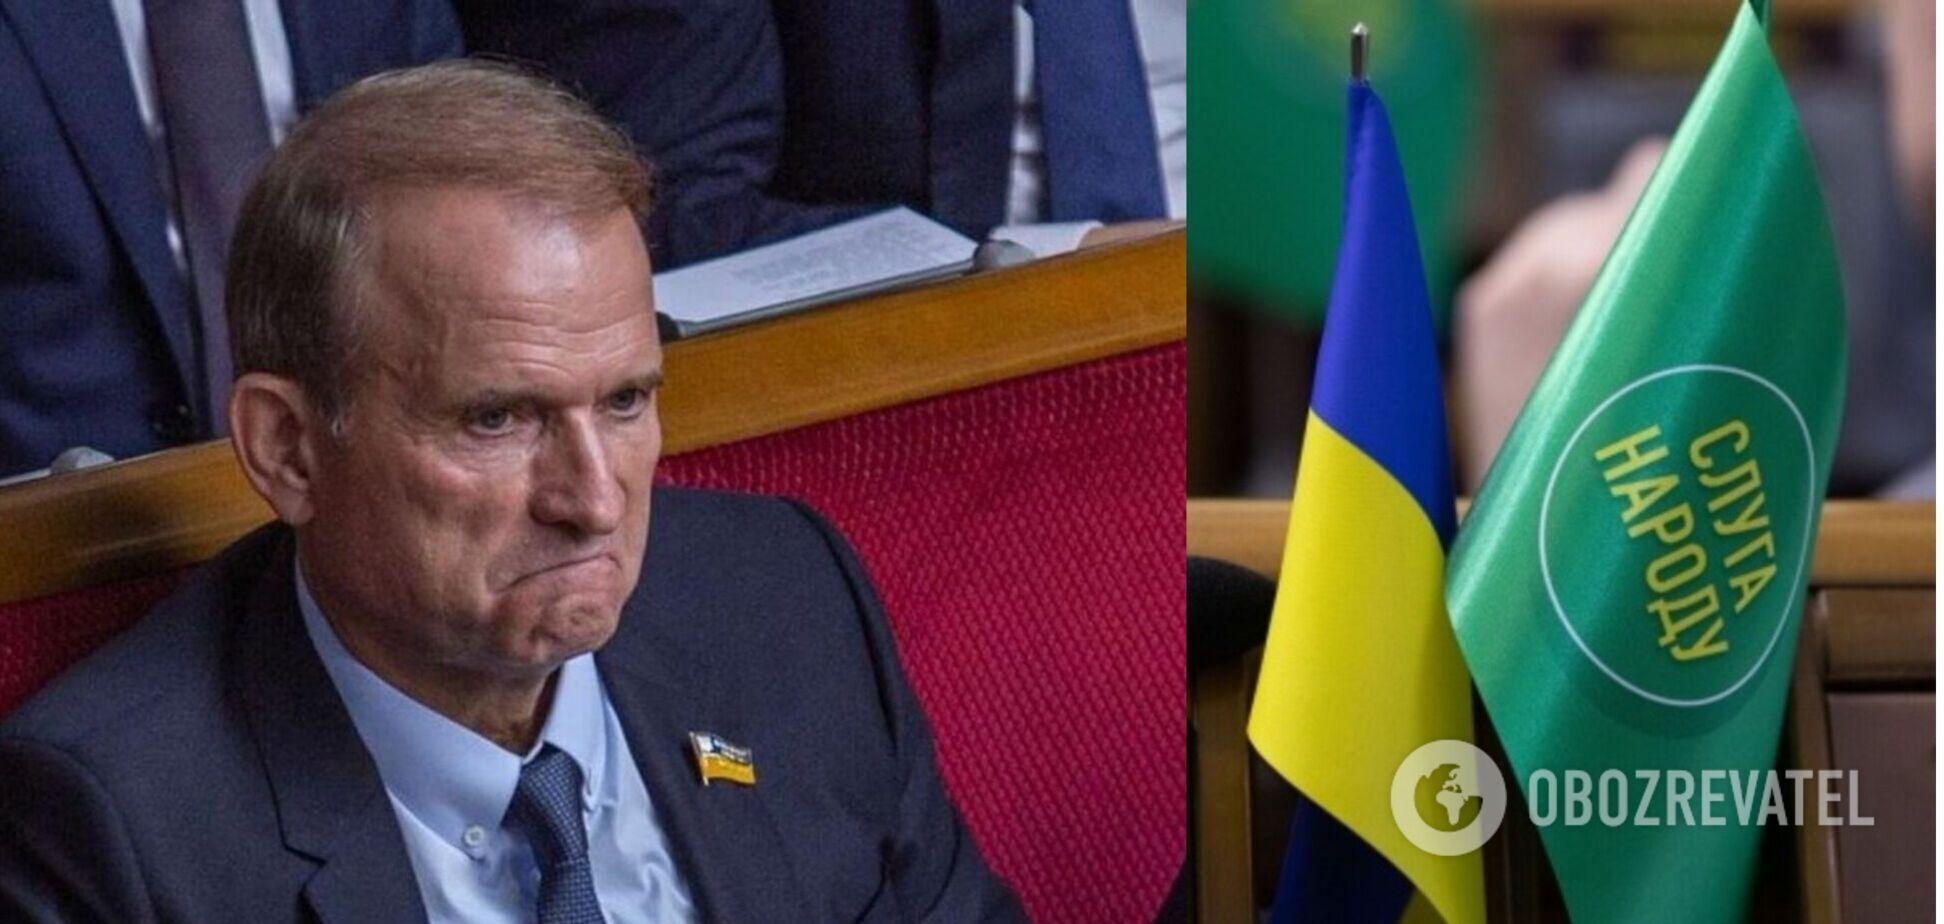 На санкции против Медведчука не отреагировала почти ни одна парламентская партия